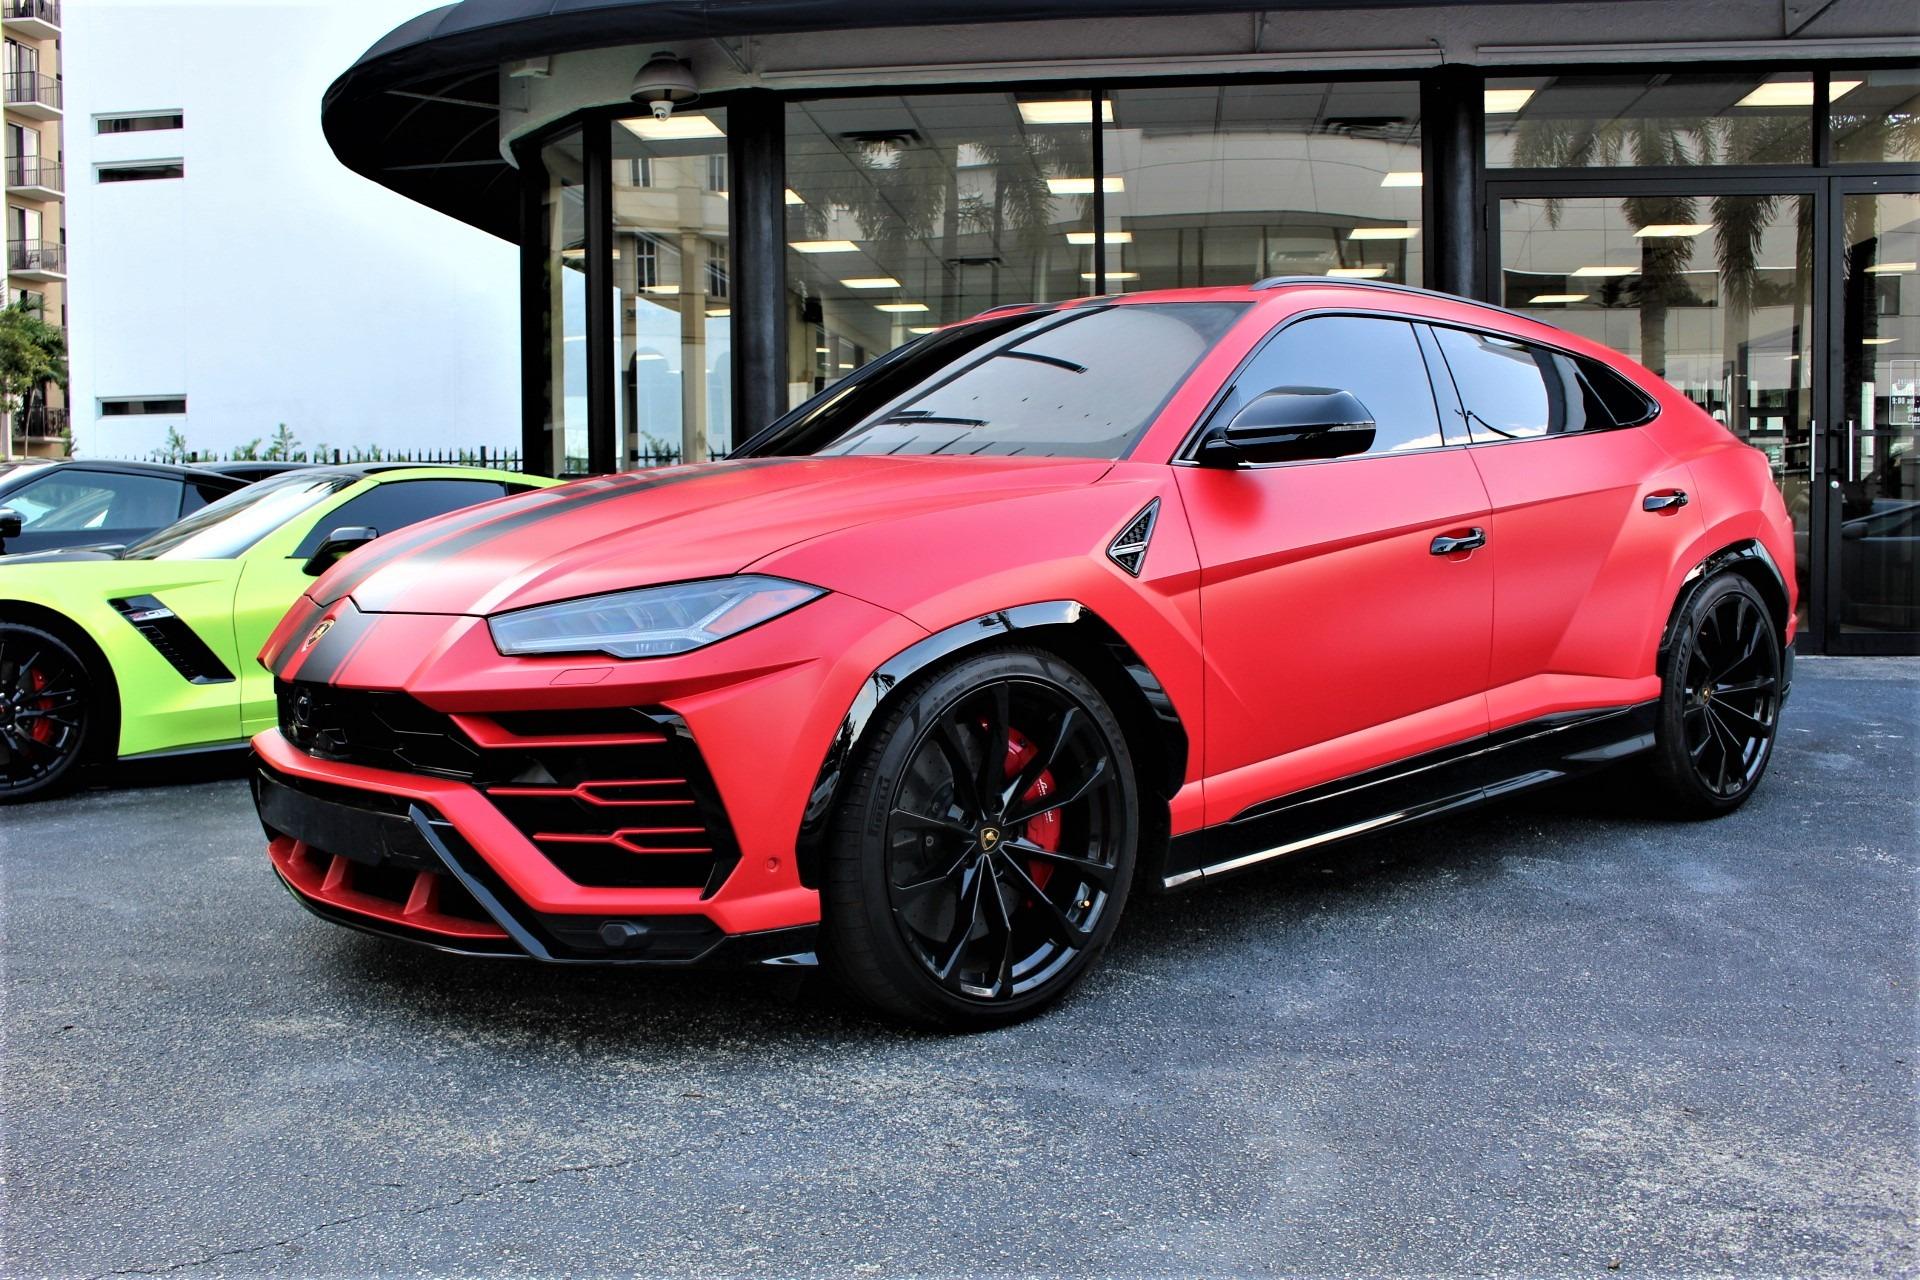 Used 2019 Lamborghini Urus for sale $242,850 at The Gables Sports Cars in Miami FL 33146 2